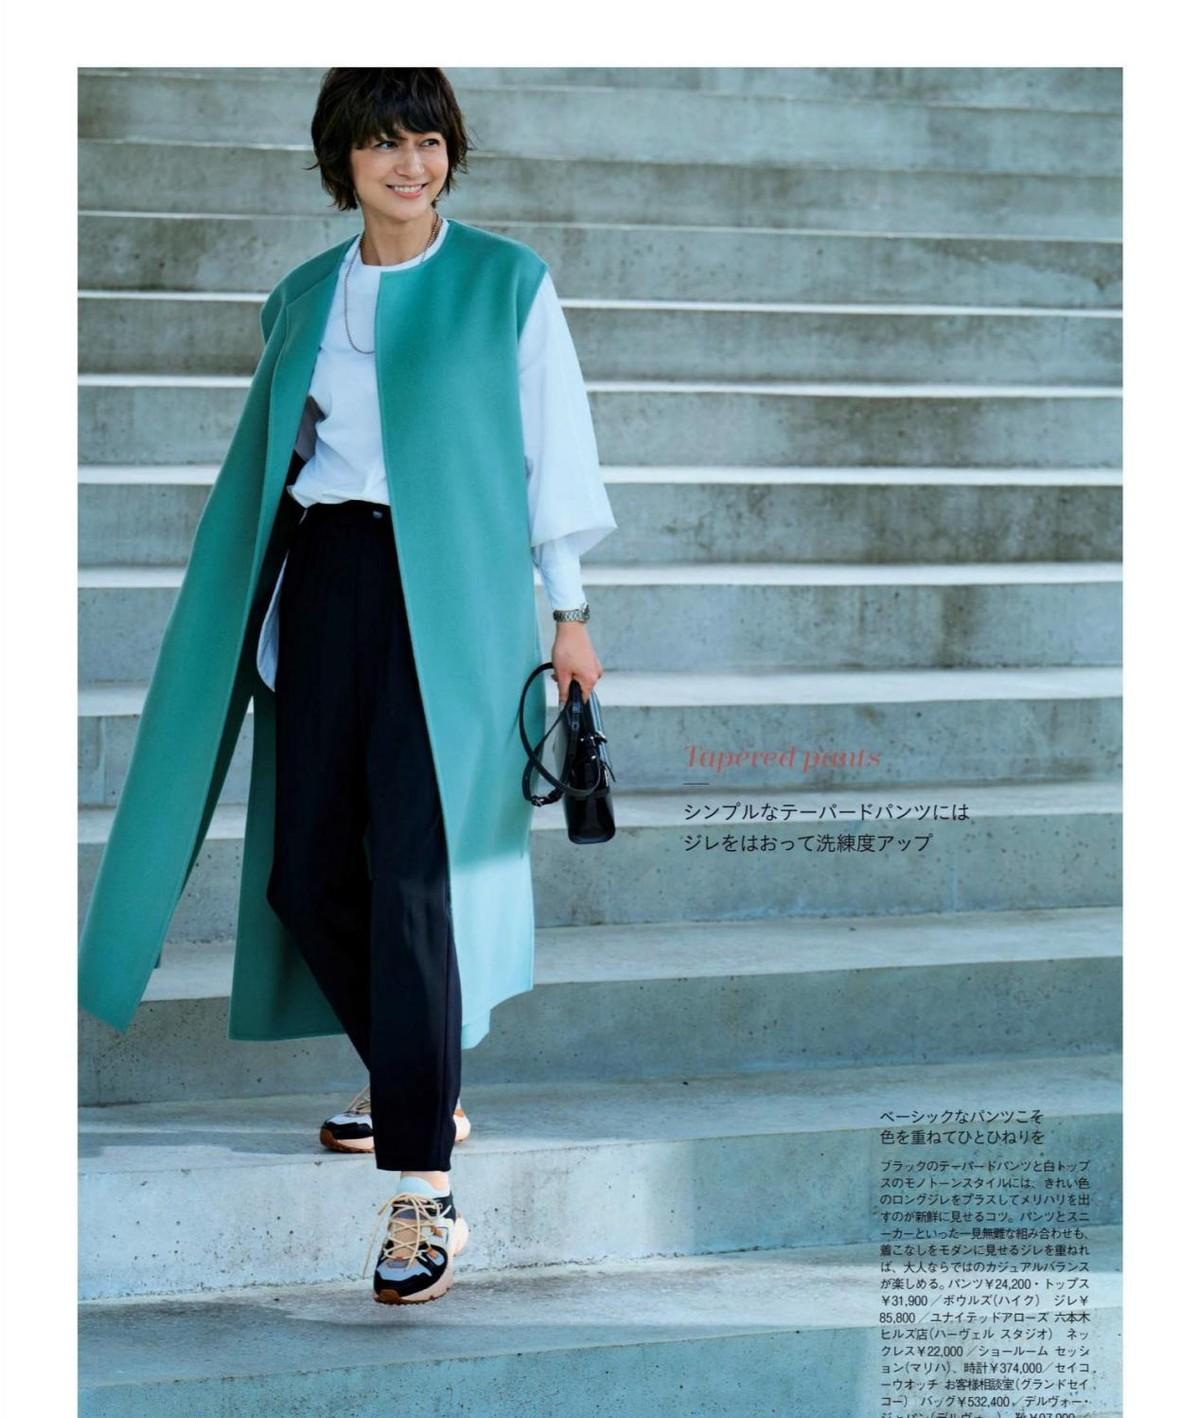 52歲的富岡佳子太會穿,簡約大氣又有高級的穿搭,優雅又有女人味 形象穿搭 第5張